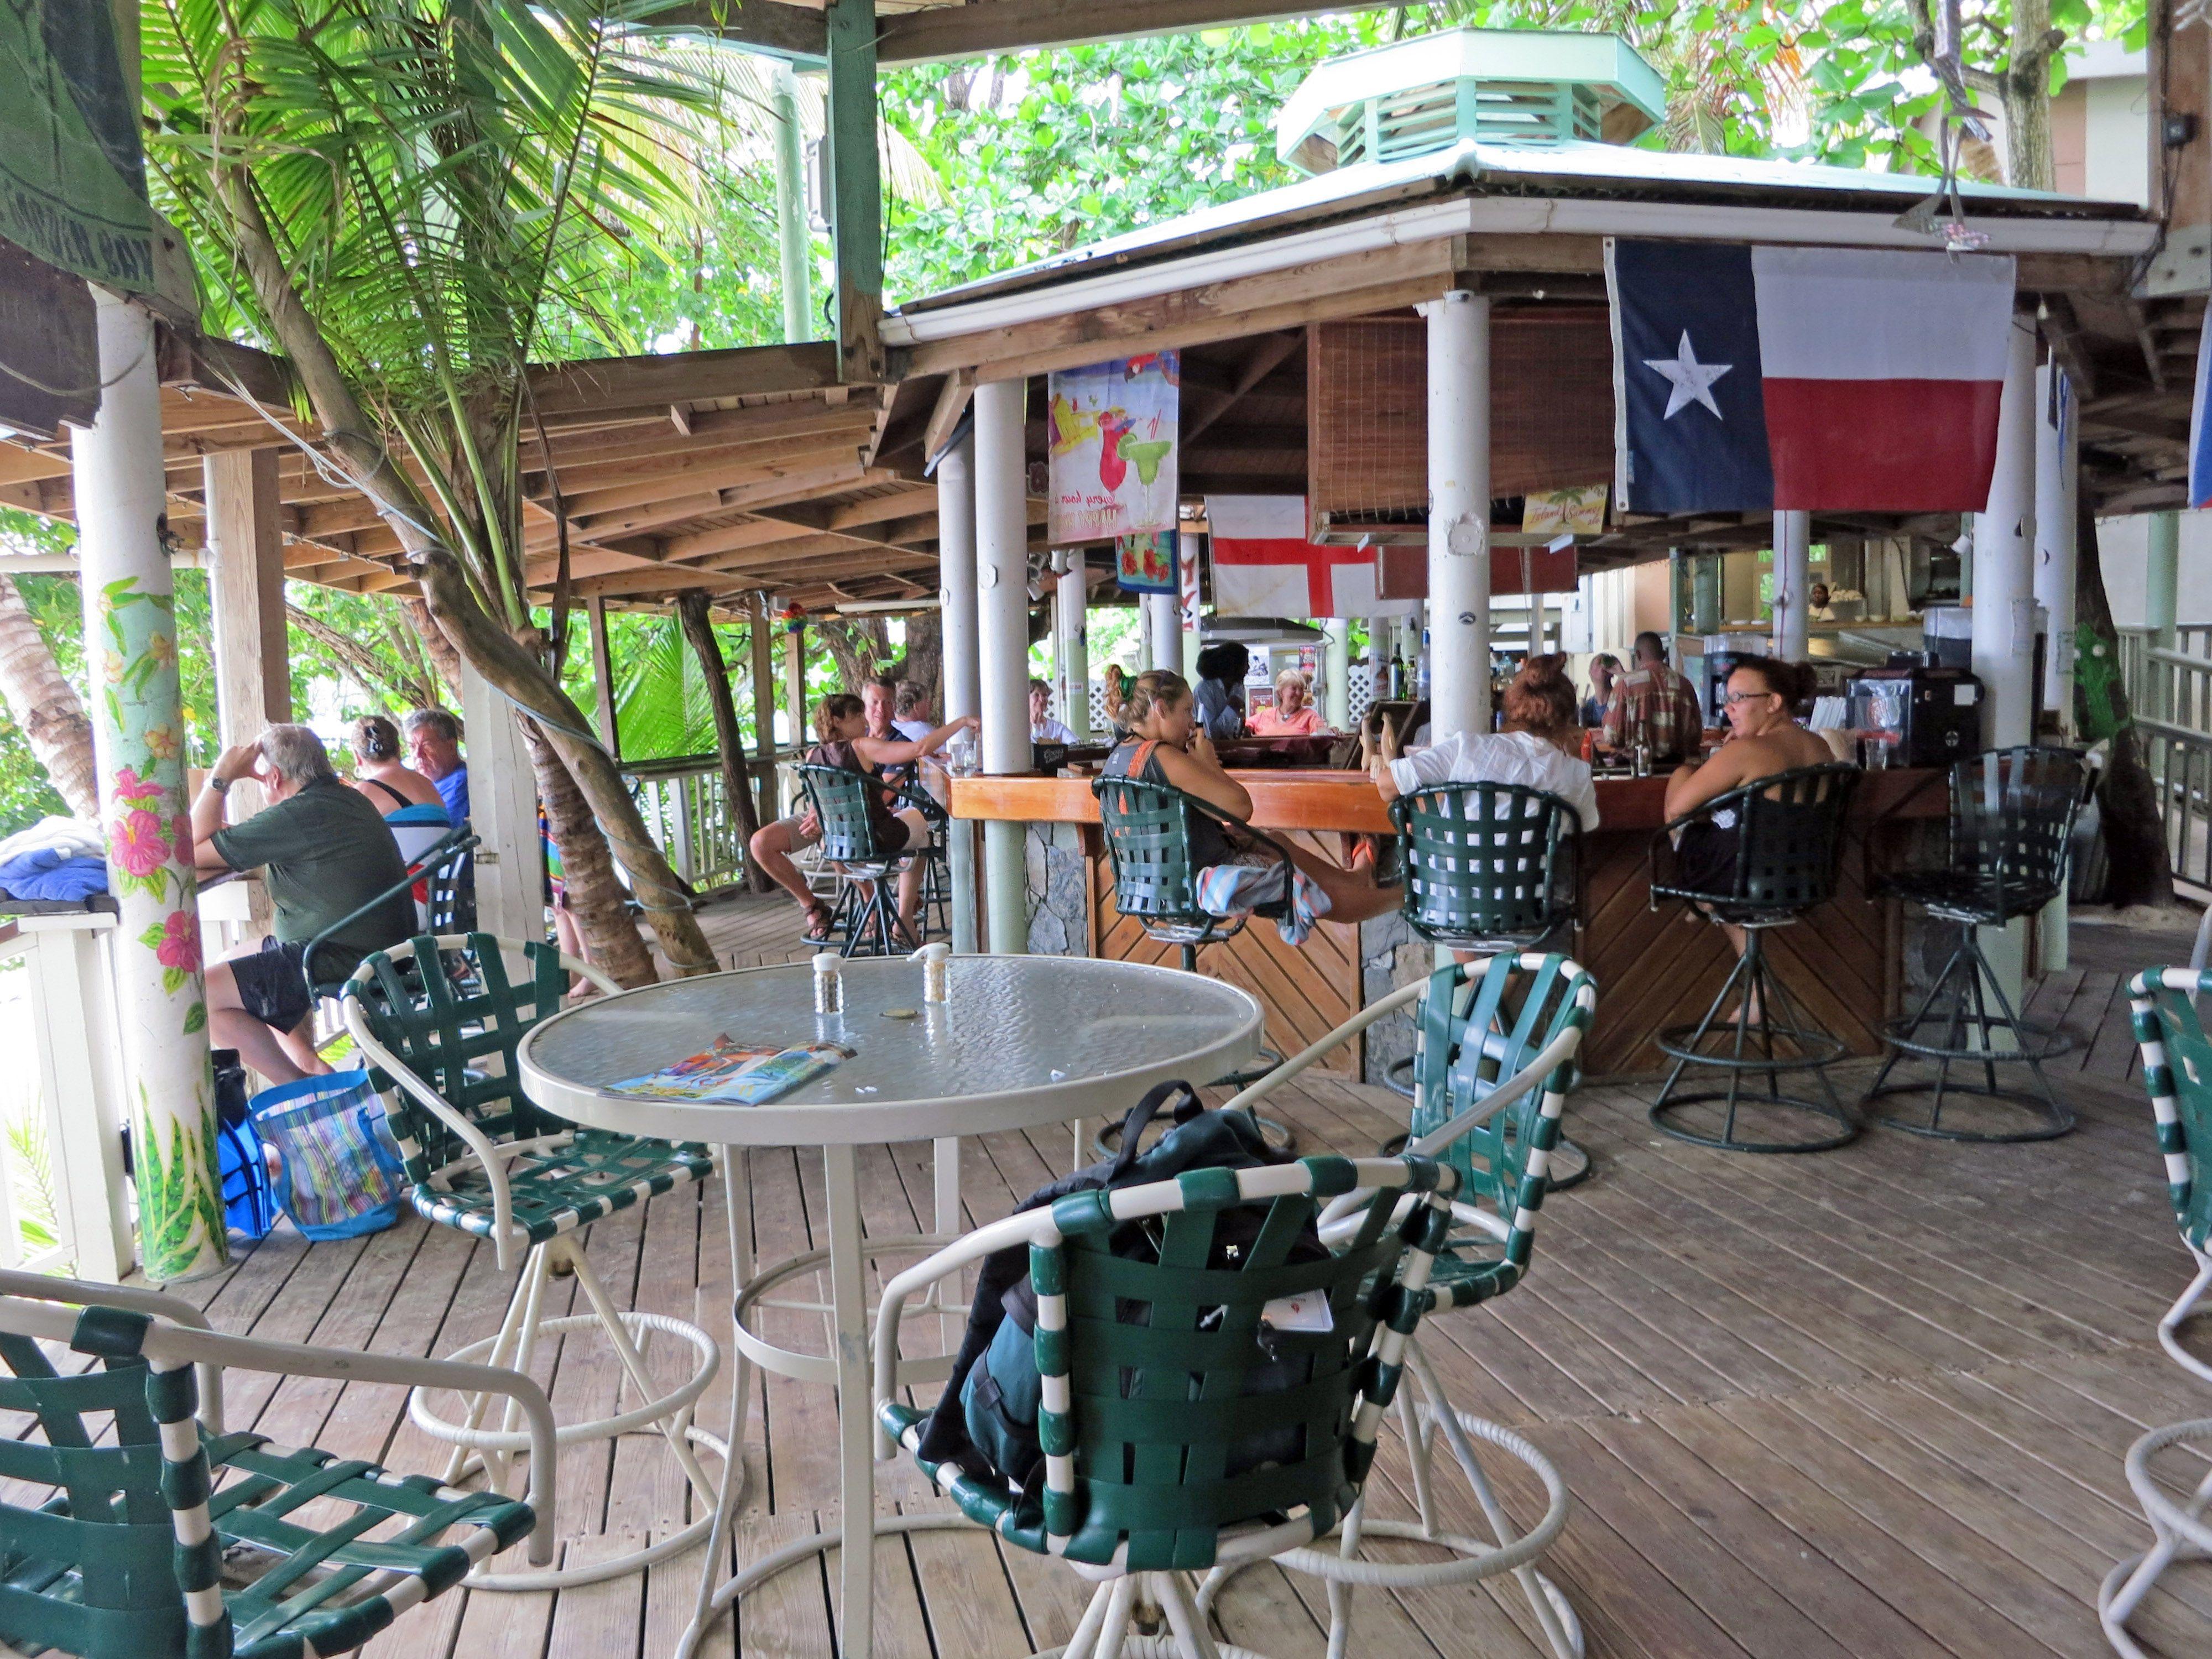 Sunset Louisiana Restaurant Bars